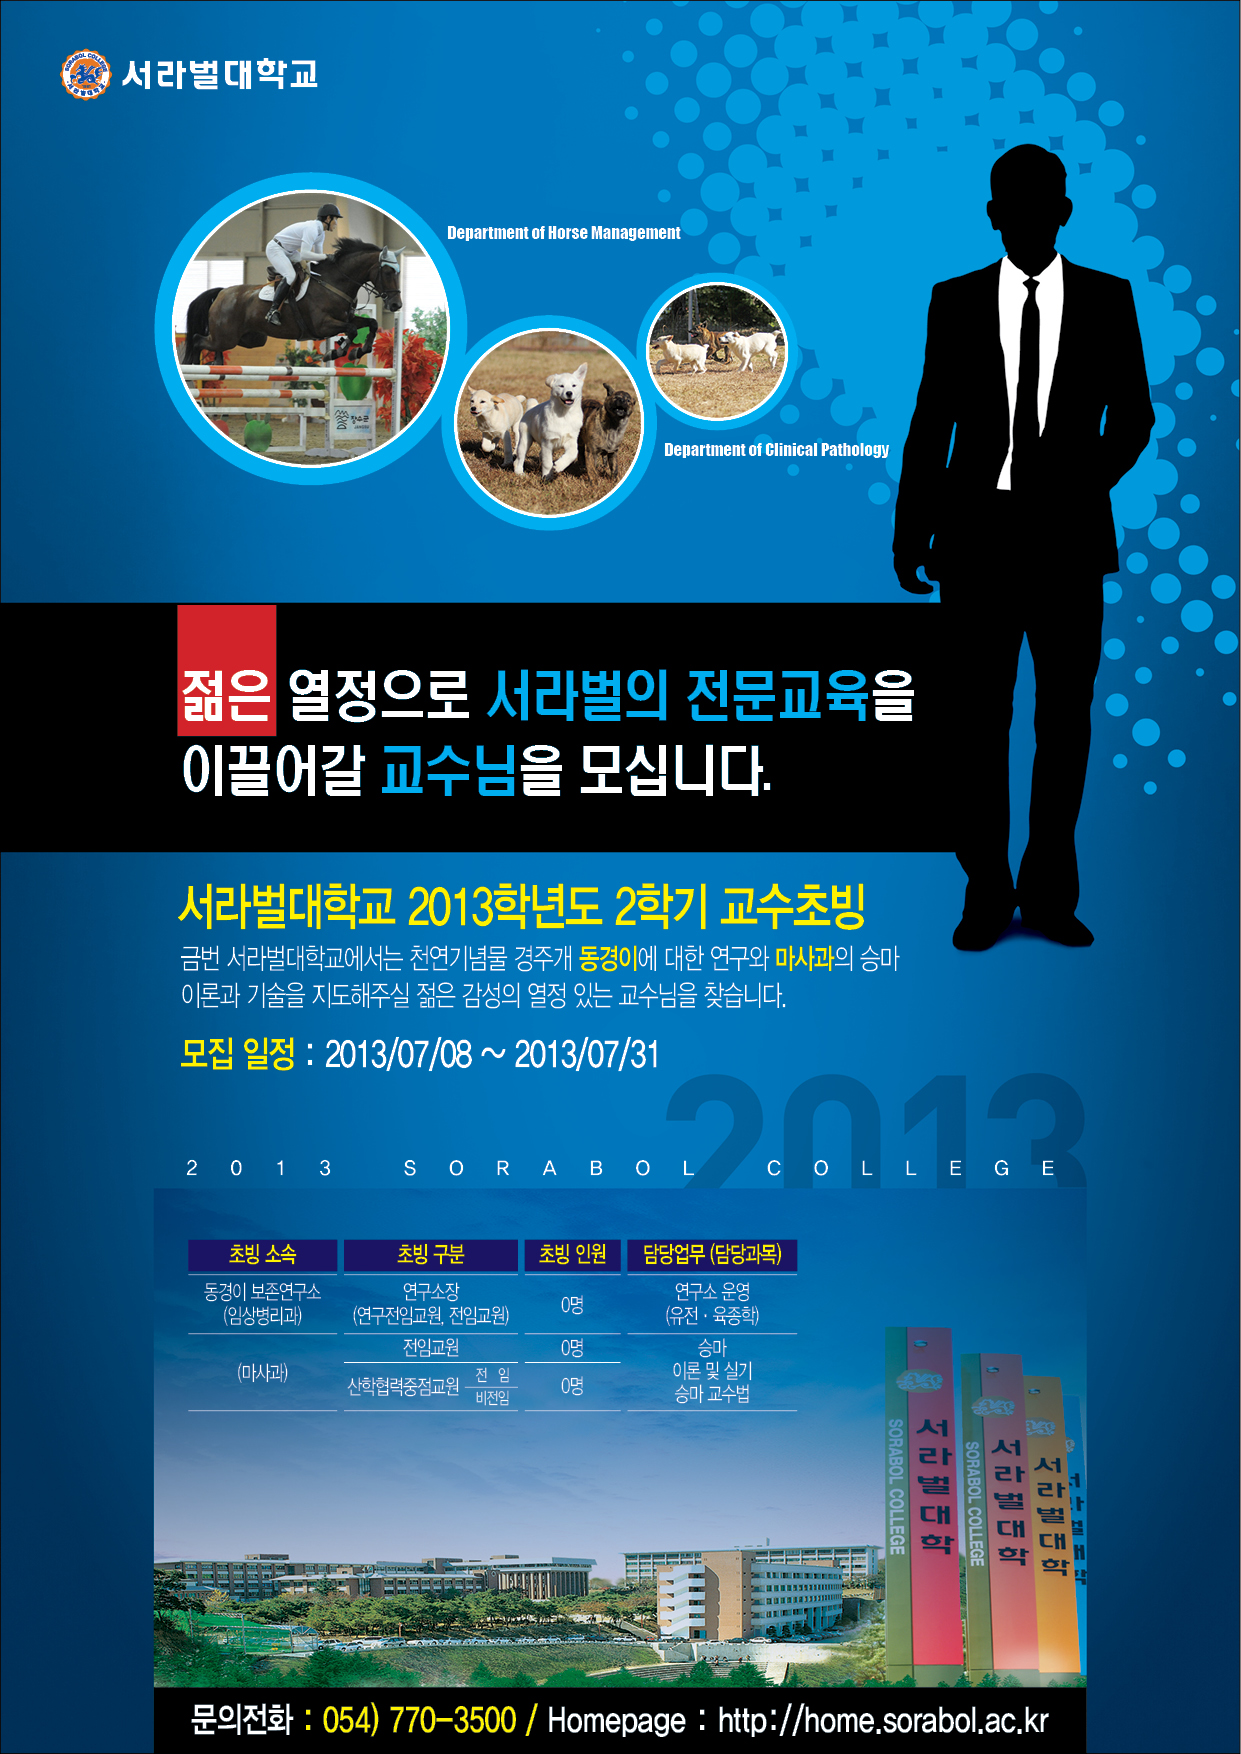 서라벌 2013 브랜드 광고 제작 및 실행